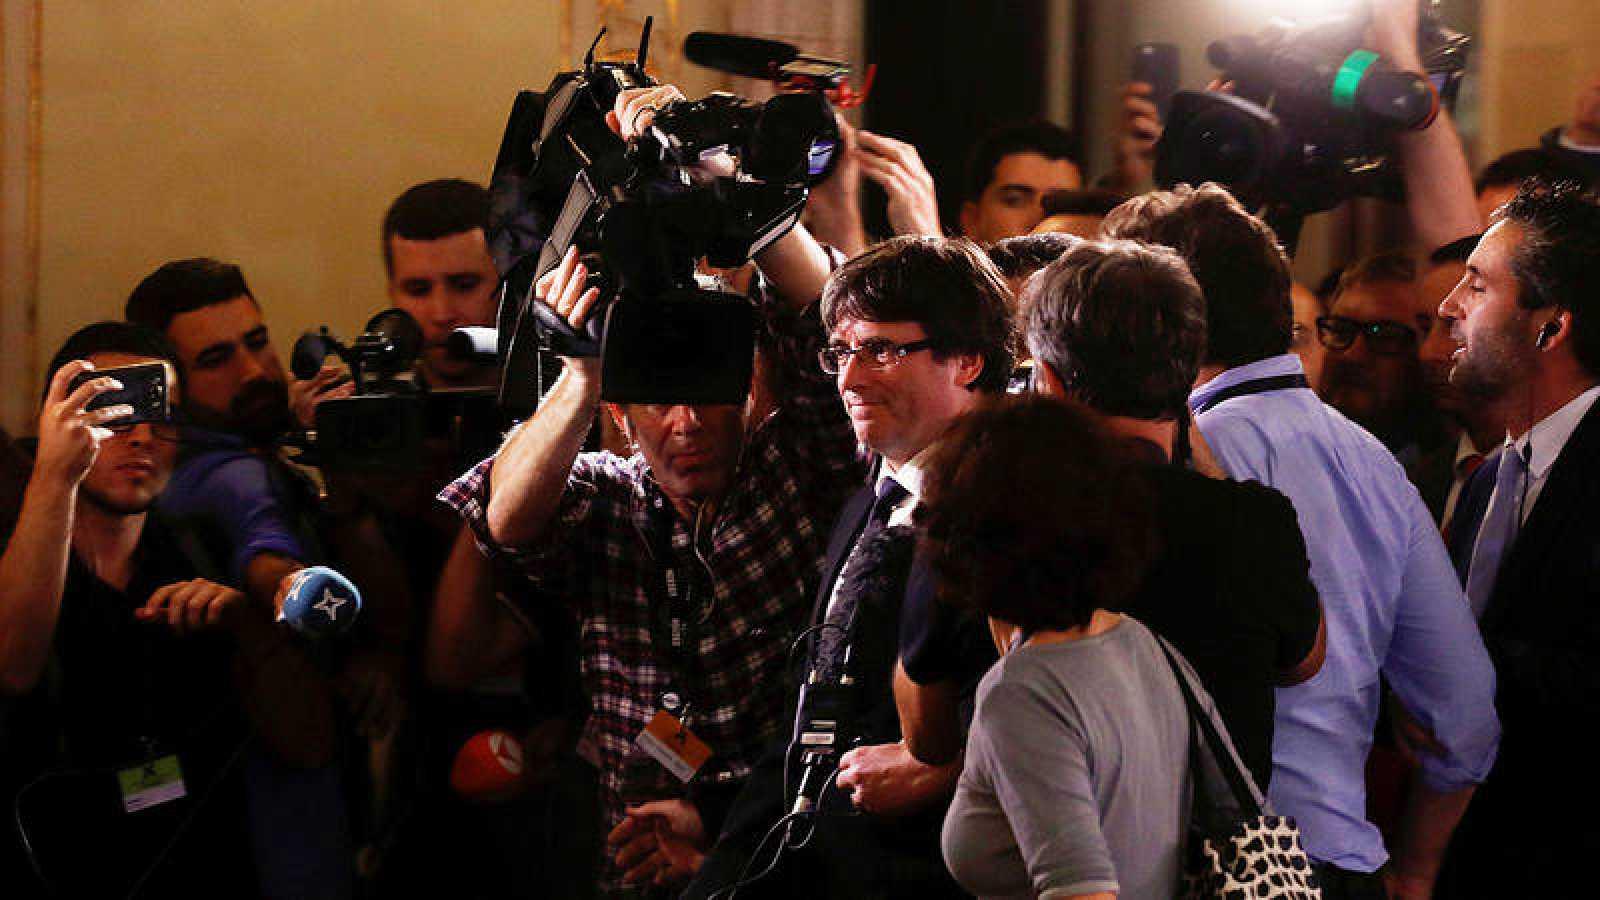 Los periodistas rodean a Carles Puigdemont tras el pleno en el Parlament en el que declaró la independencia de Cataluña y a continuación la suspendió.